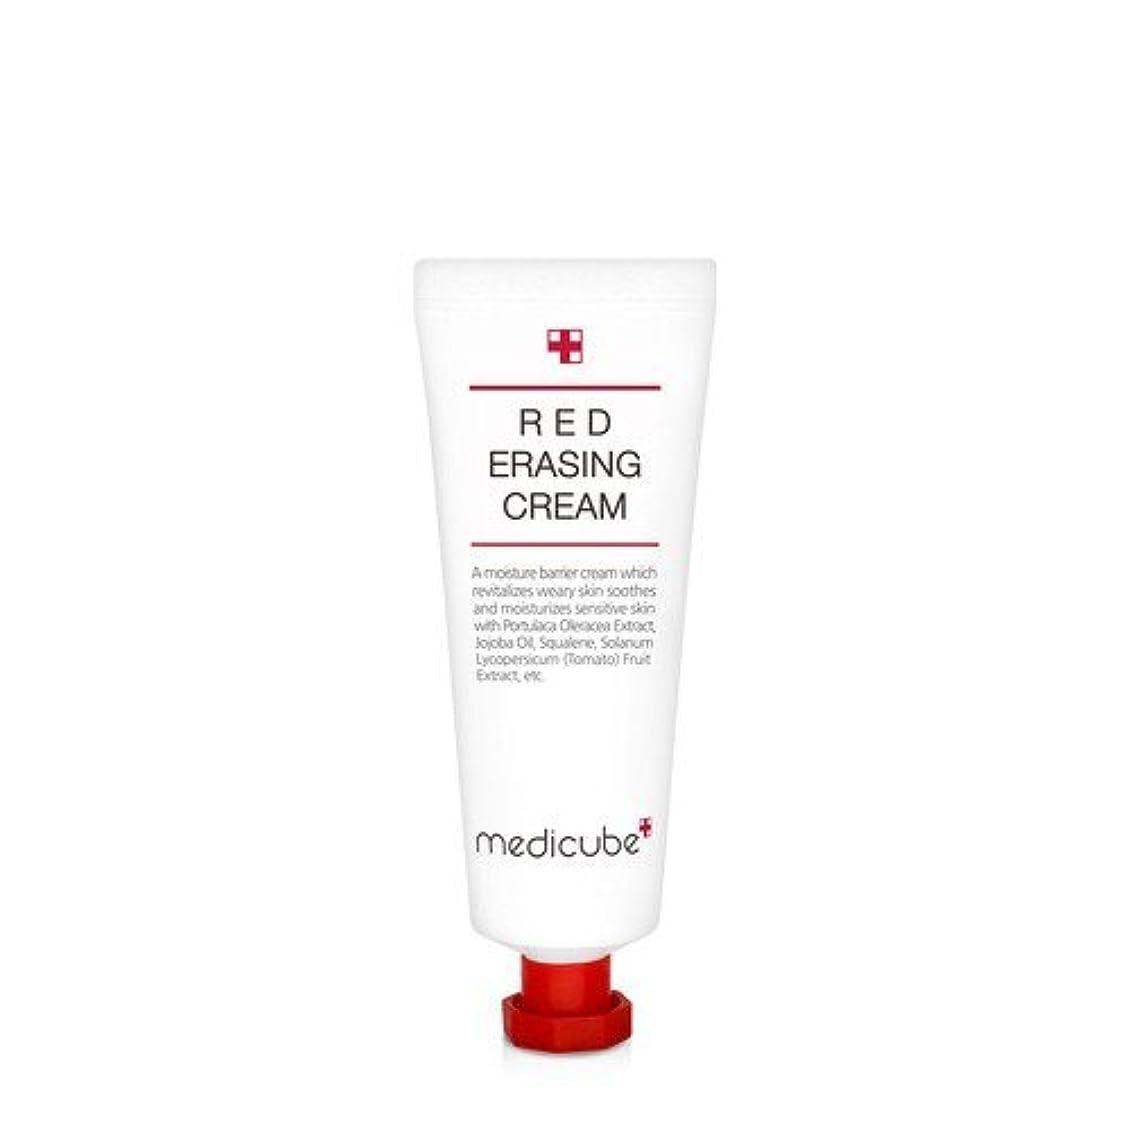 ご飯項目ゼリー[Medicube]Red Erasing Cream 50g / メディキューブレッドイレイジングクリーム / 正品?海外直送商品 [並行輸入品]